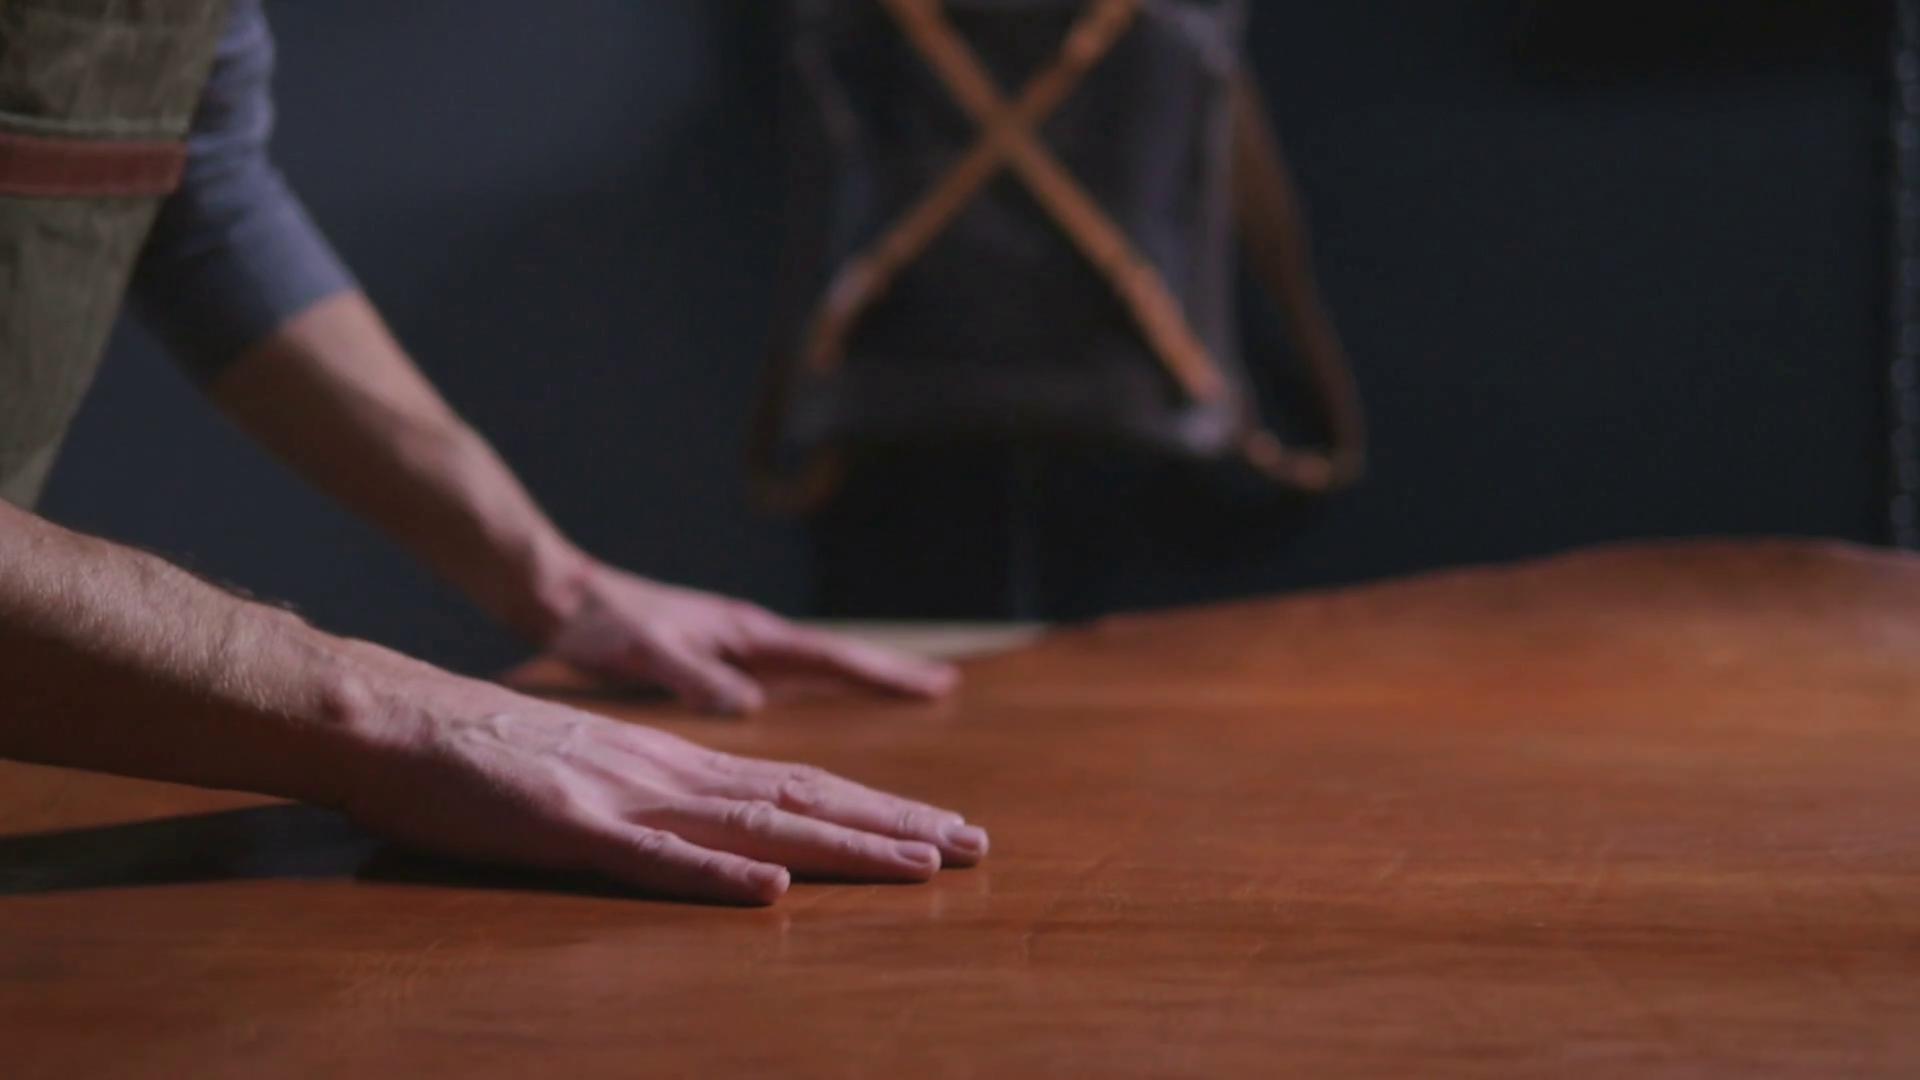 muz-drevo-povrch-material-konstrukcia-skusanie-tvrdosti-ruky